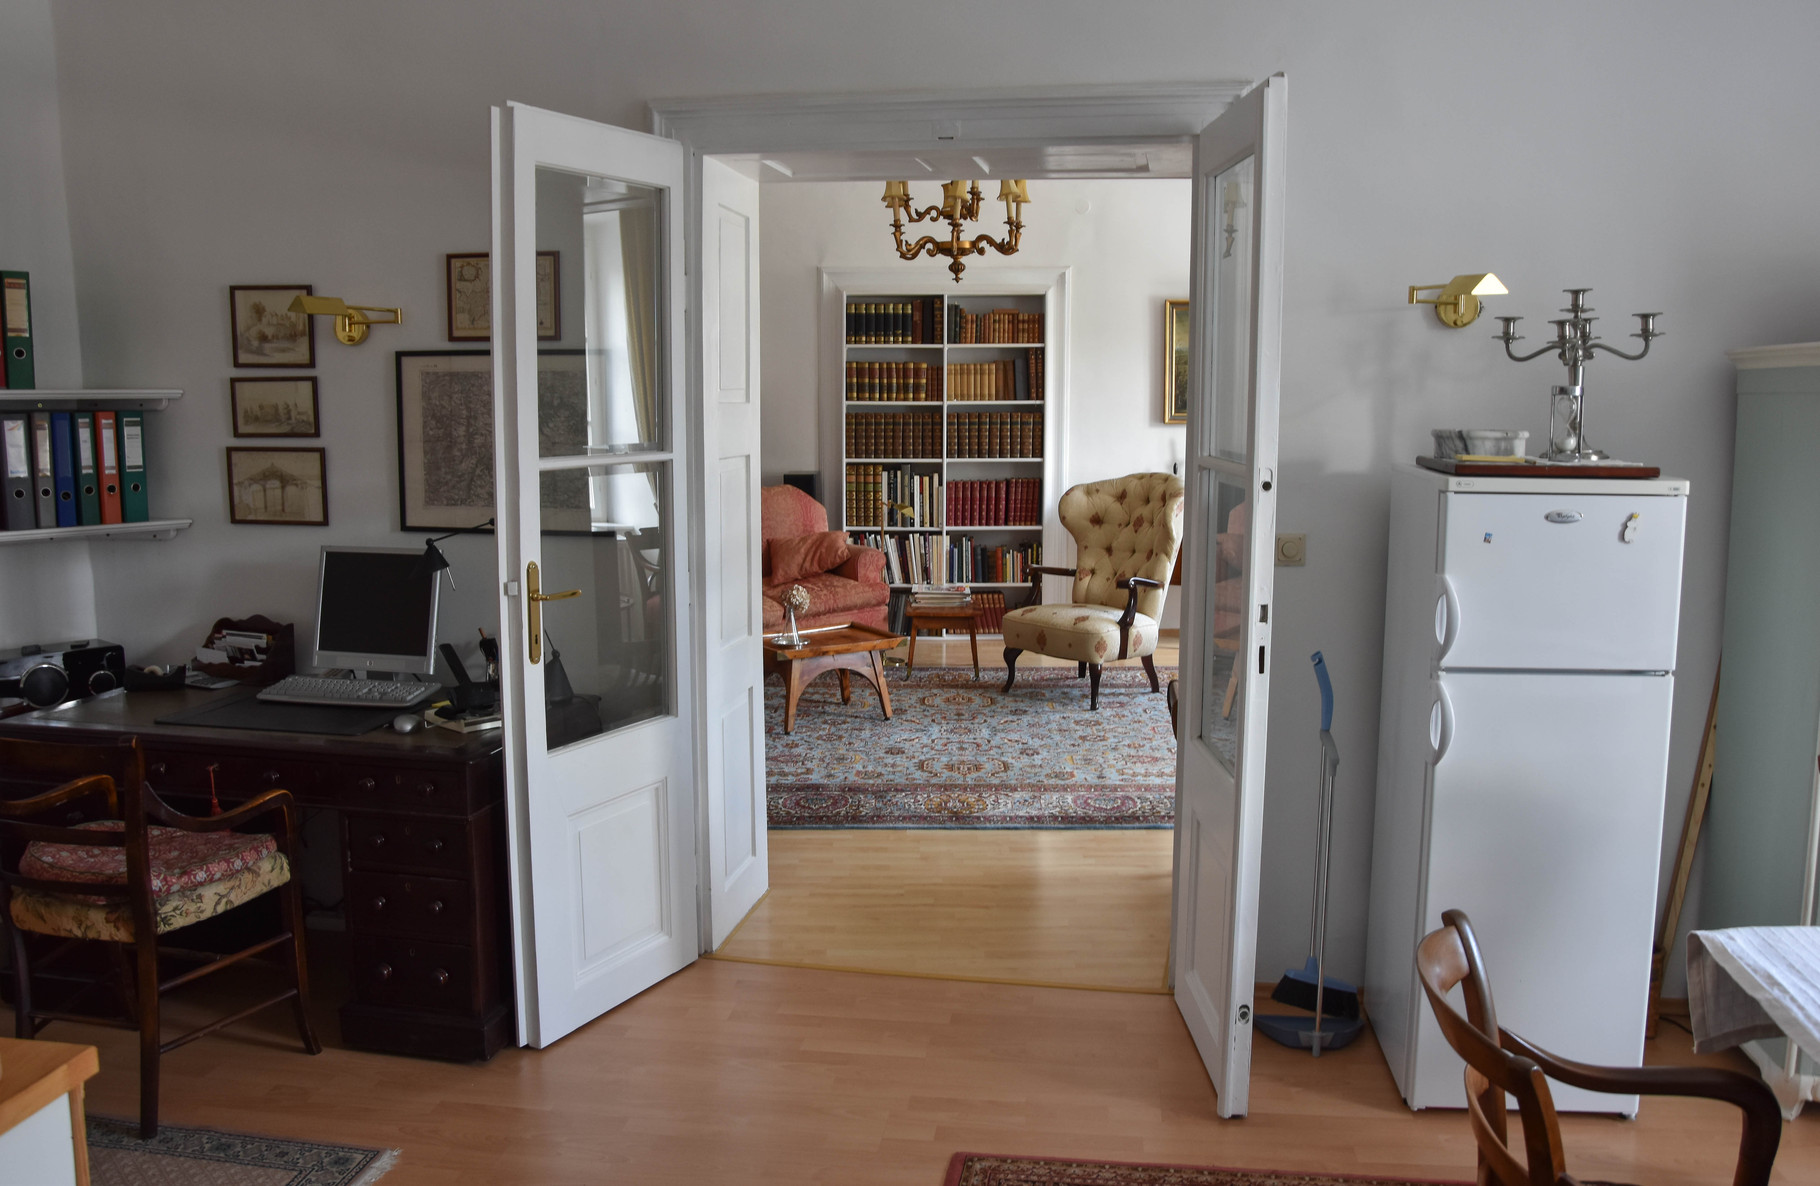 Esszimmer Richtung Wohnzimmer - Foto Gerhard Ambroz 2015